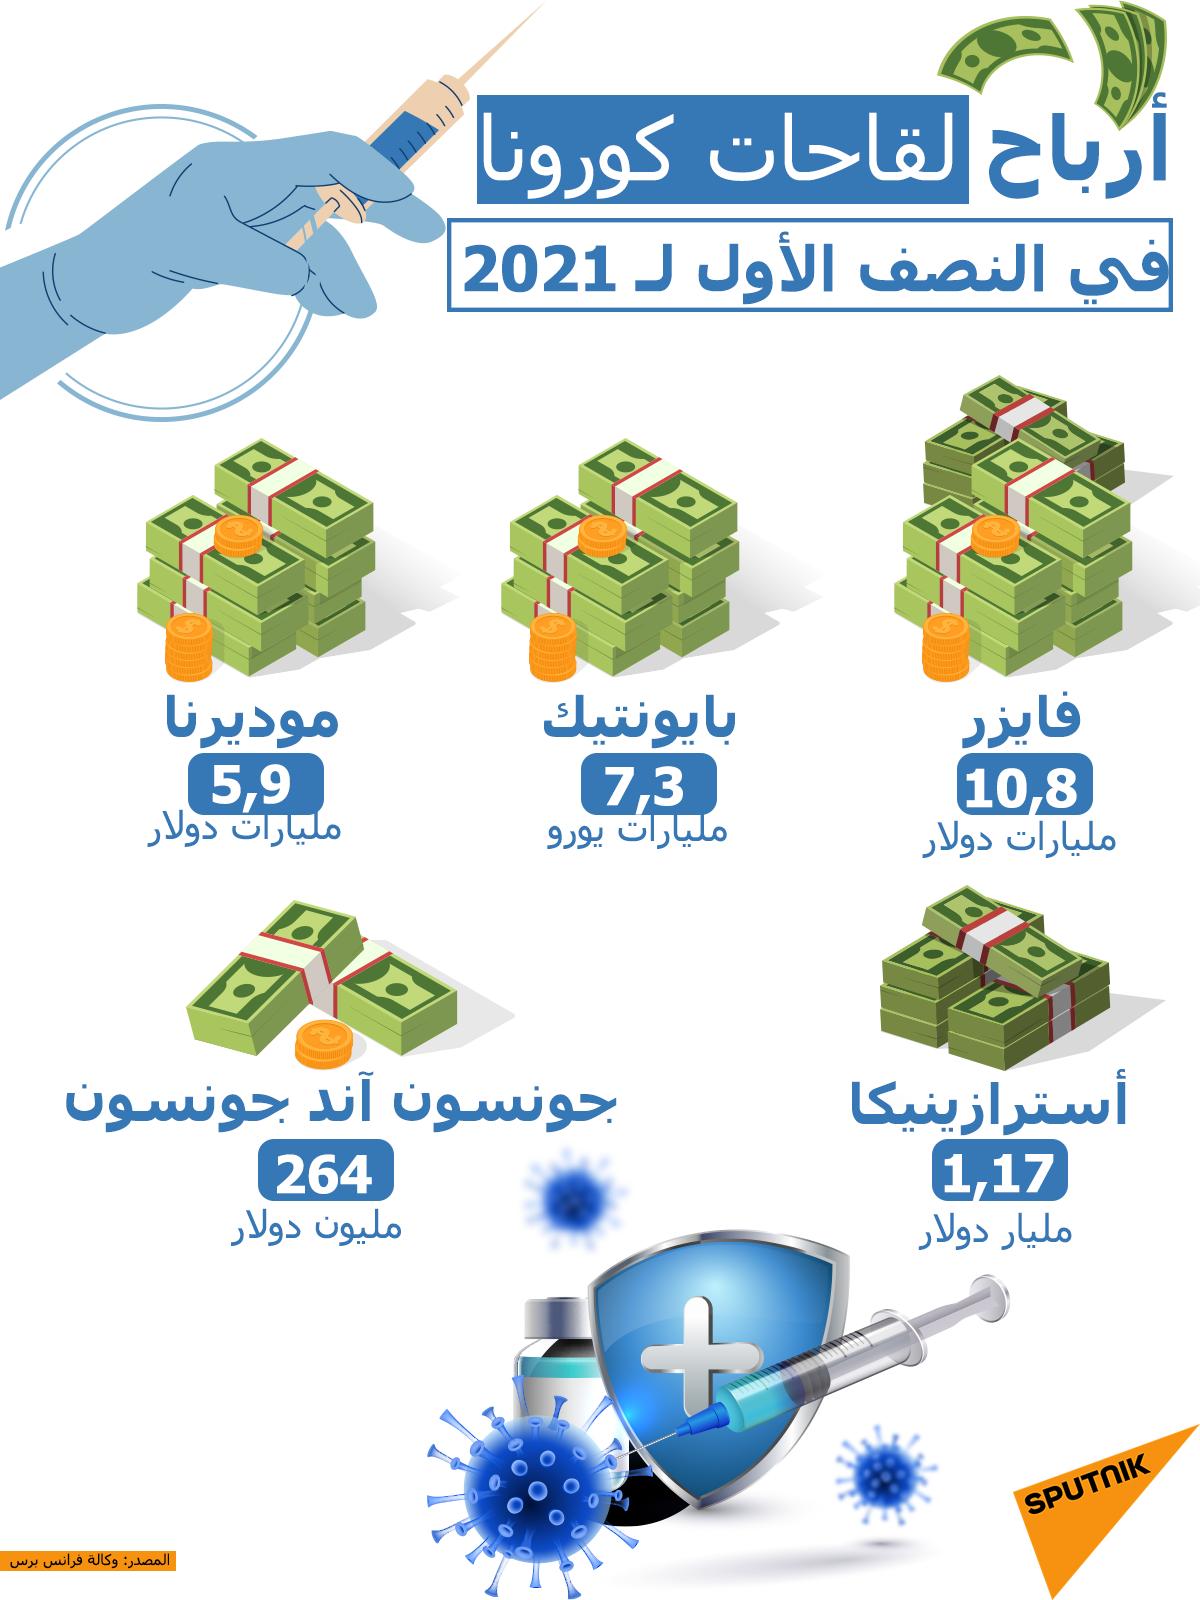 أرباح الشركات الخاصة التي انتجت لقاحات مضادة لفيروس كورونا في النصف الأول لـ2021